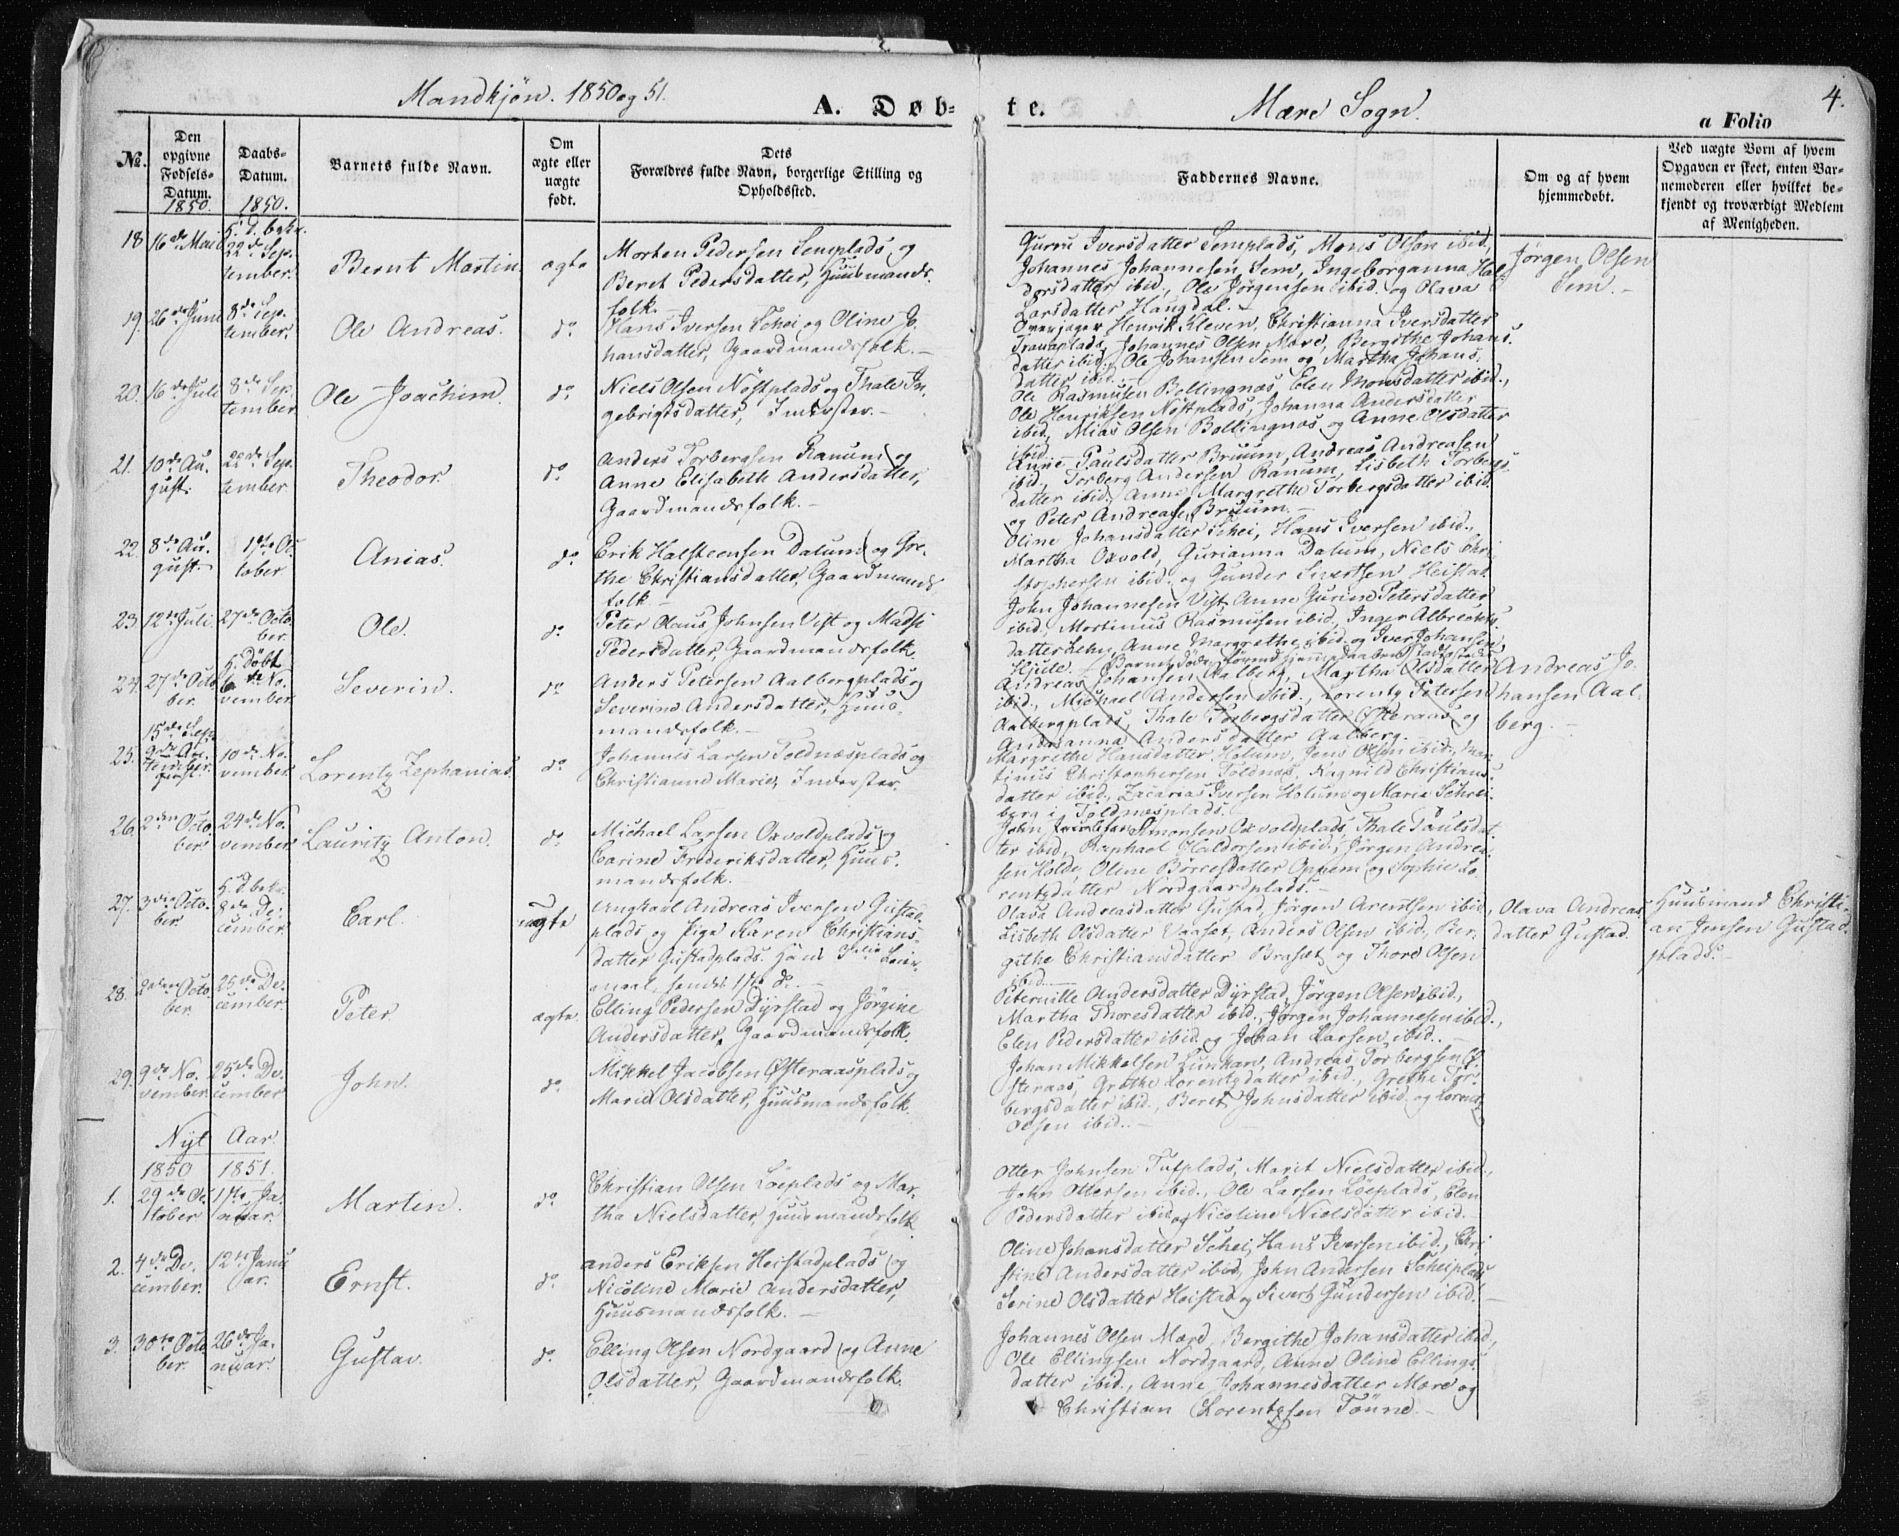 SAT, Ministerialprotokoller, klokkerbøker og fødselsregistre - Nord-Trøndelag, 735/L0342: Ministerialbok nr. 735A07 /1, 1849-1862, s. 4